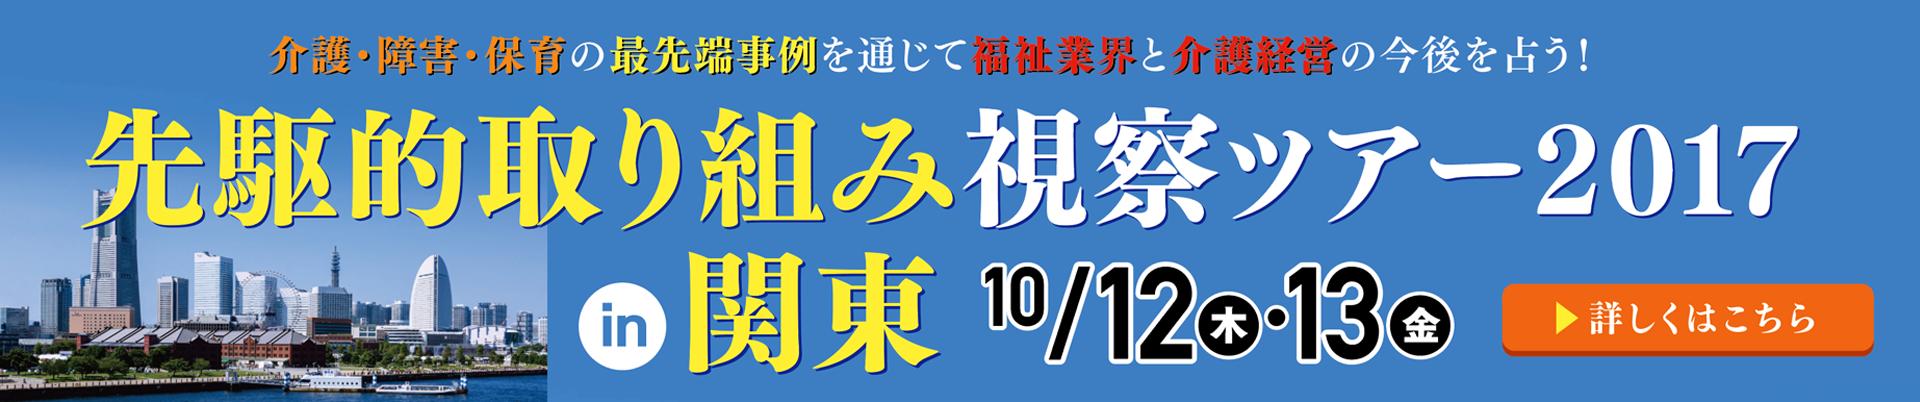 先駆的取り組み視察ツアー2017 in 関東 10/12(木)・13(金)